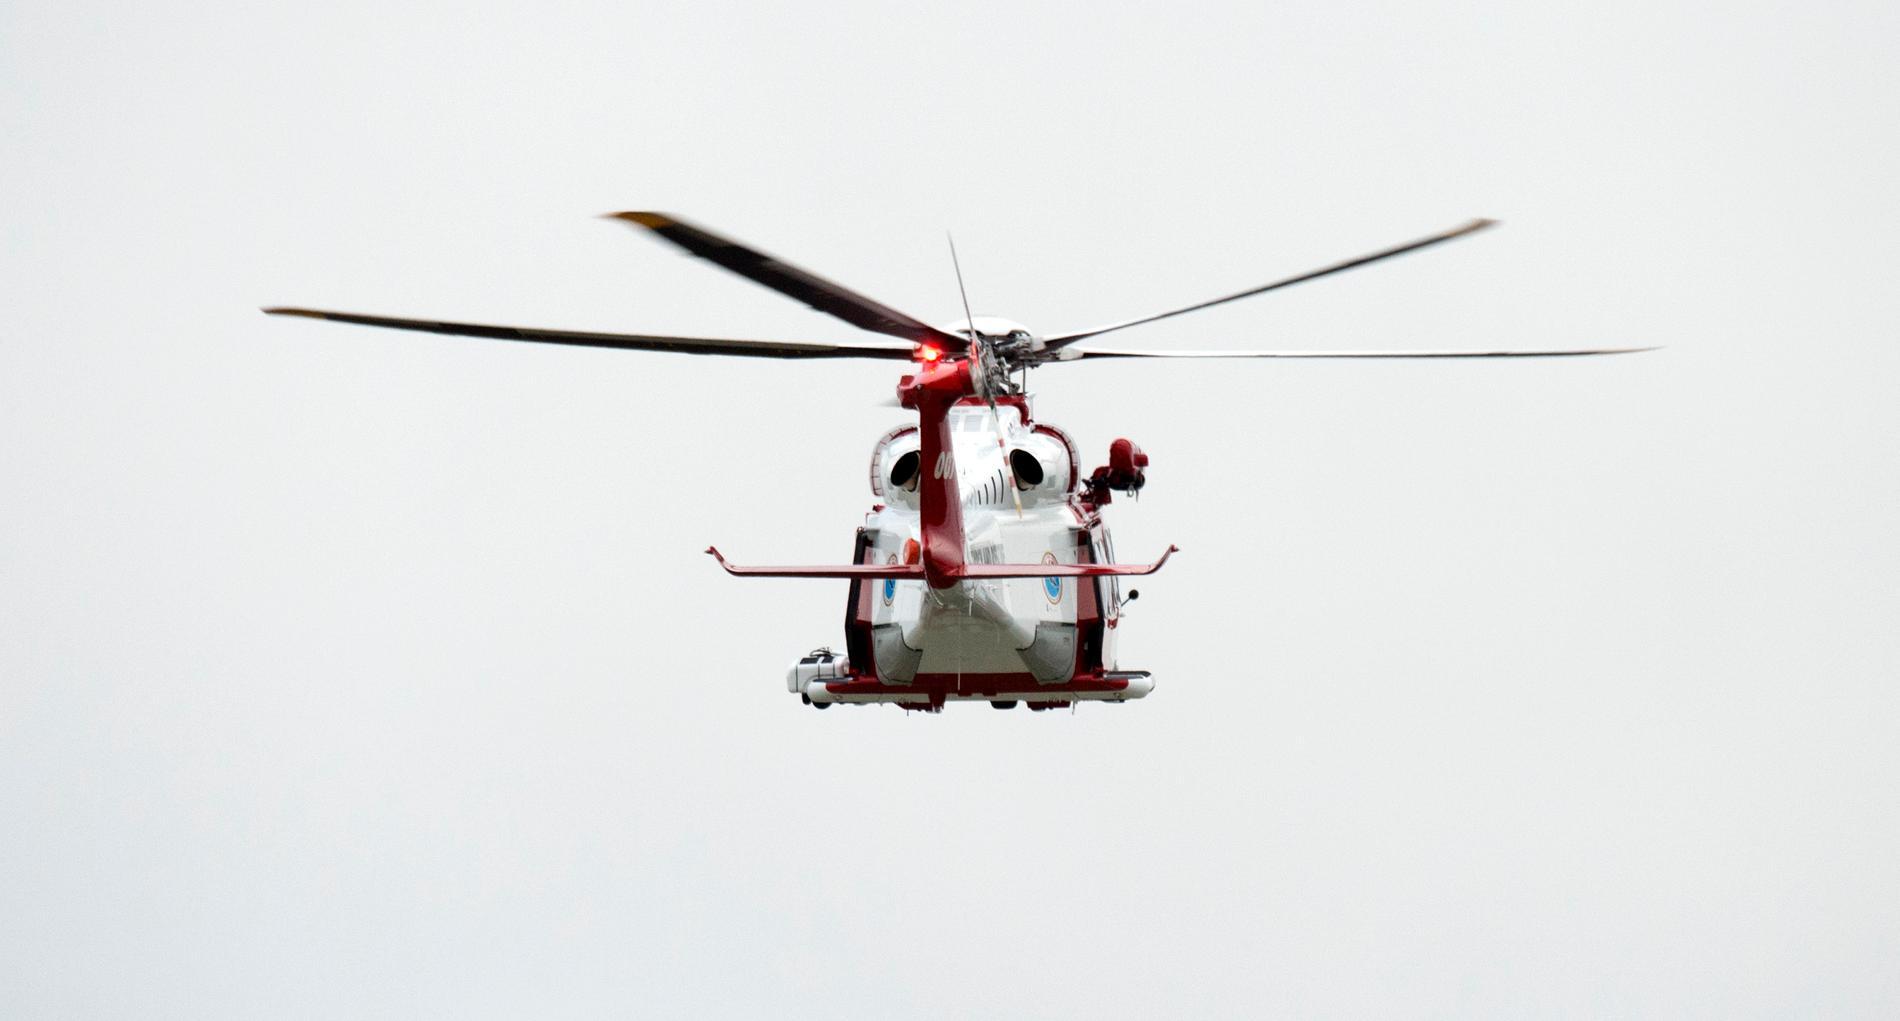 Sjöfartsverket deltog i sökandet med hjälp av räddningshelikopter. Arkivbild.